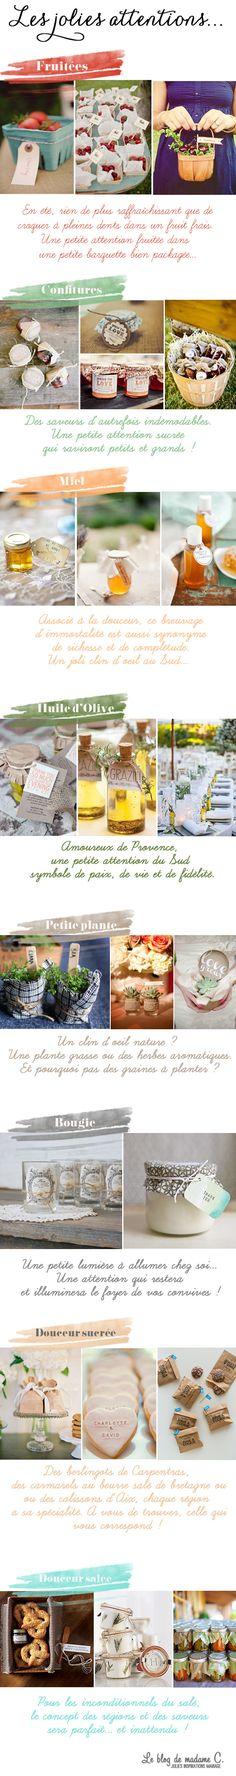 le-blog-de-madame-c-mariage-idees-cadeaux-d-invites